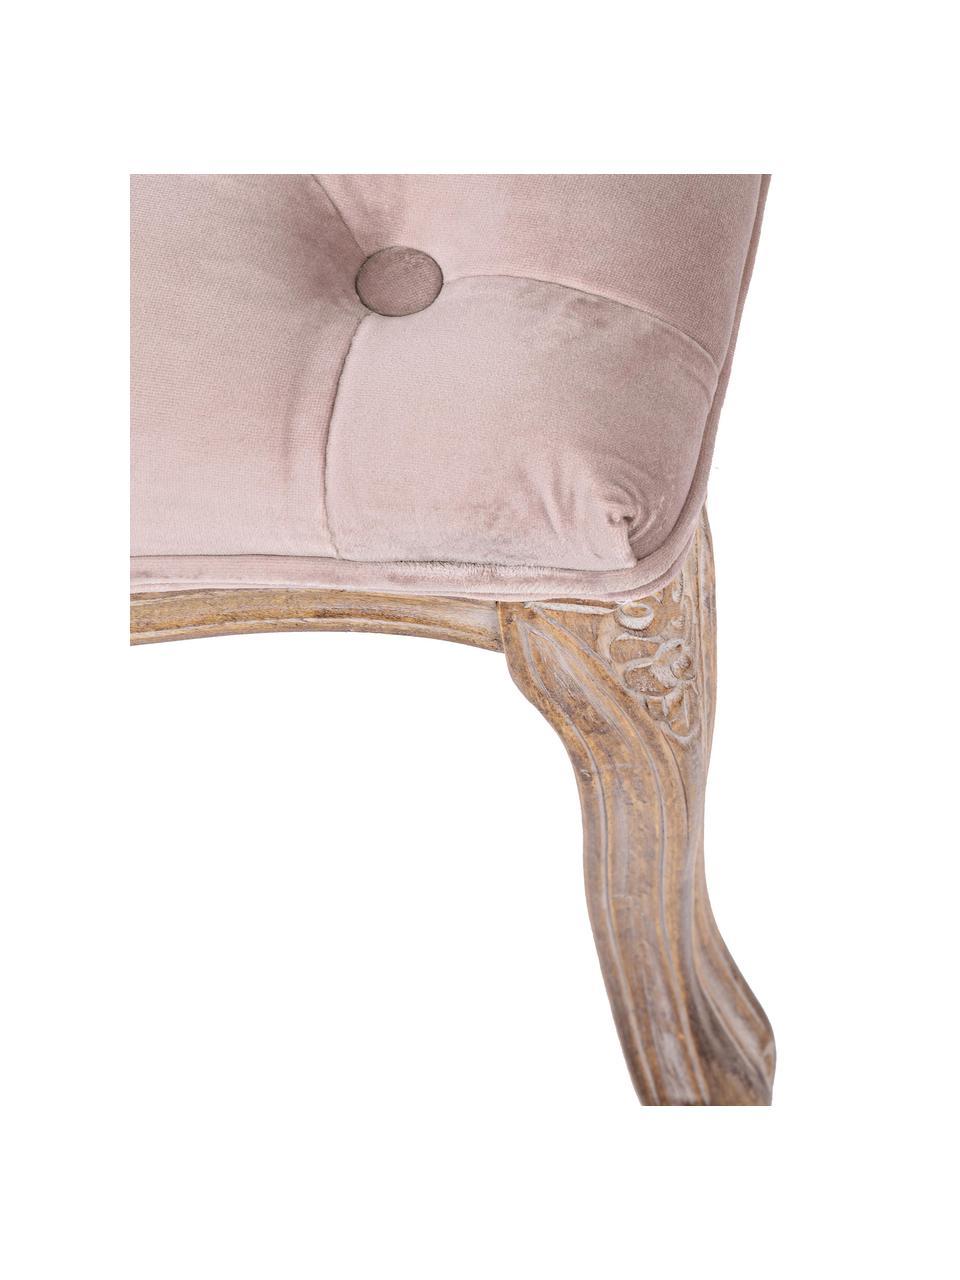 Ławka z aksamitu w stylu barokowym Mathilde, Tapicerka: aksamit poliestrowy Tkani, Stelaż: drewno brzozowe, pokryte , Brudny różowy, drewno brzozowe, S 110 x W 47 cm